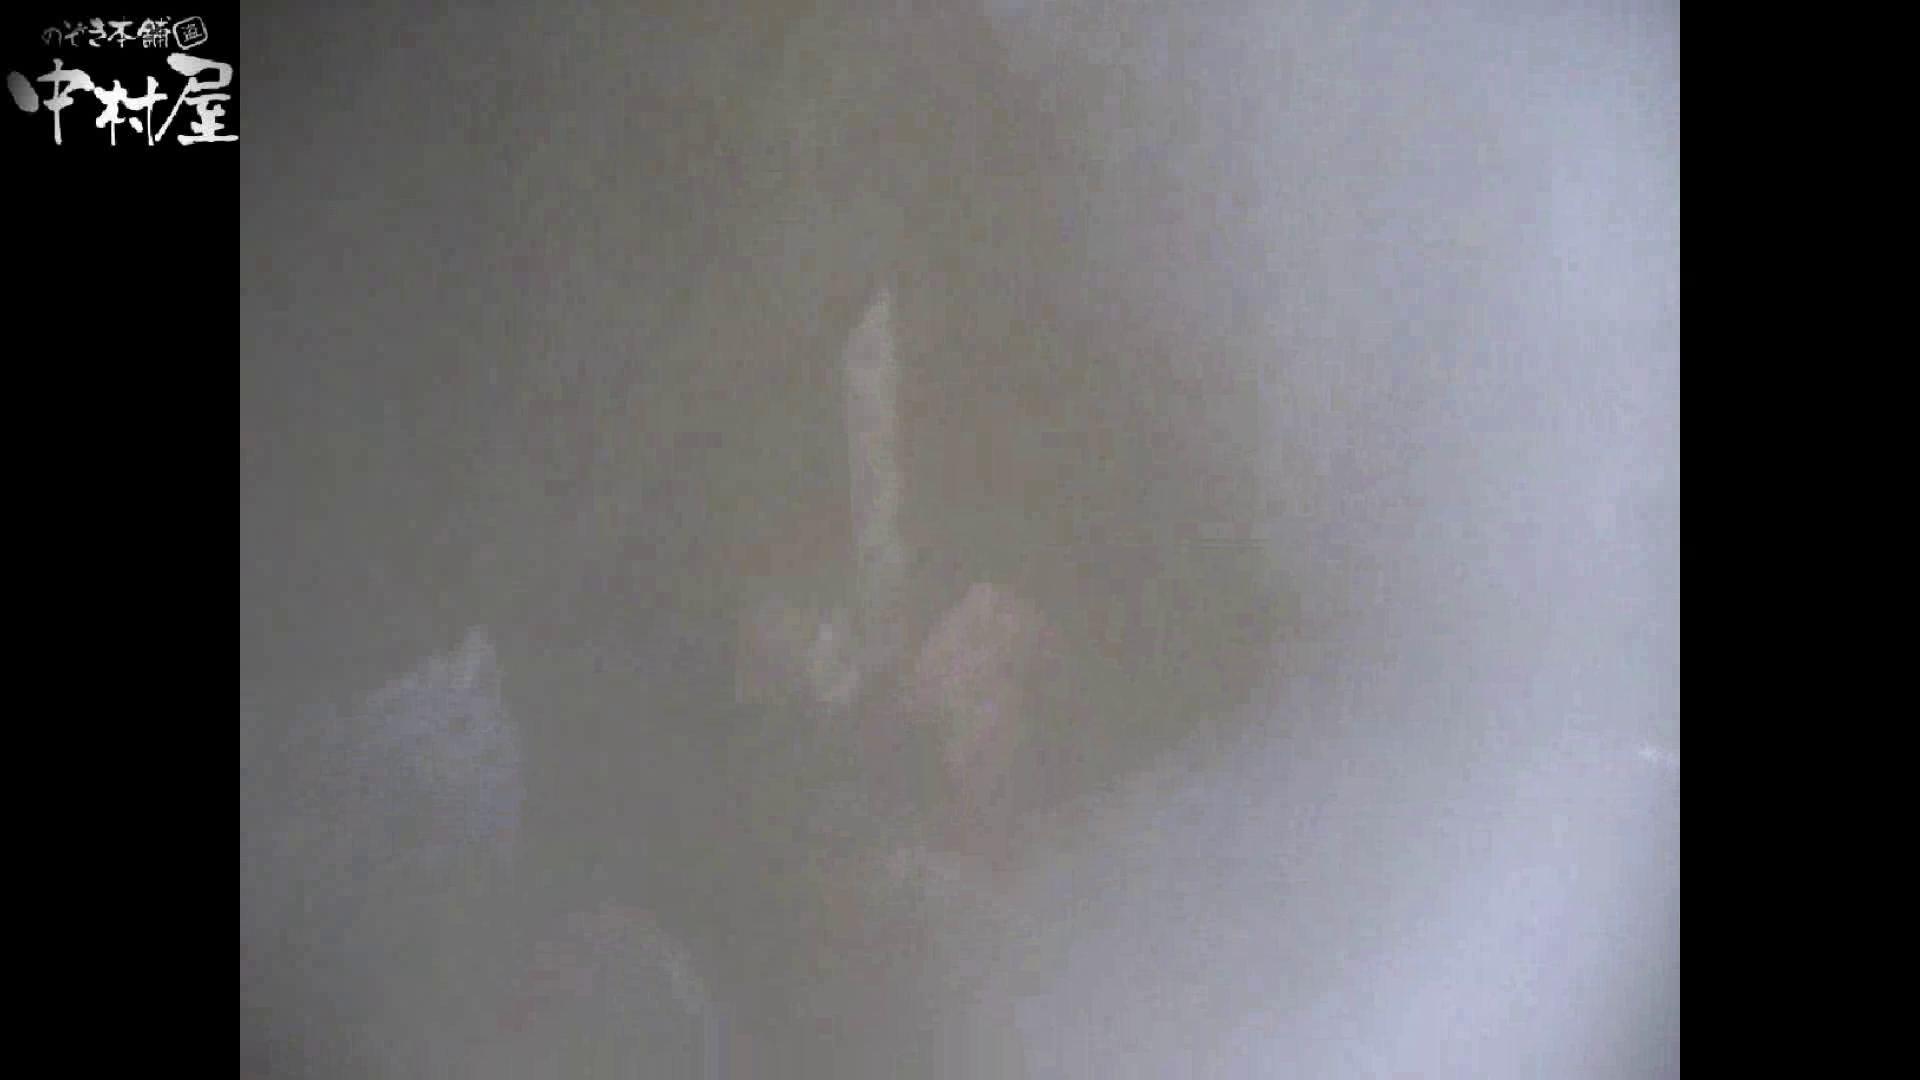 民家風呂専門盗撮師の超危険映像 vol.021 美女ヌード | 美少女ヌード  65画像 55